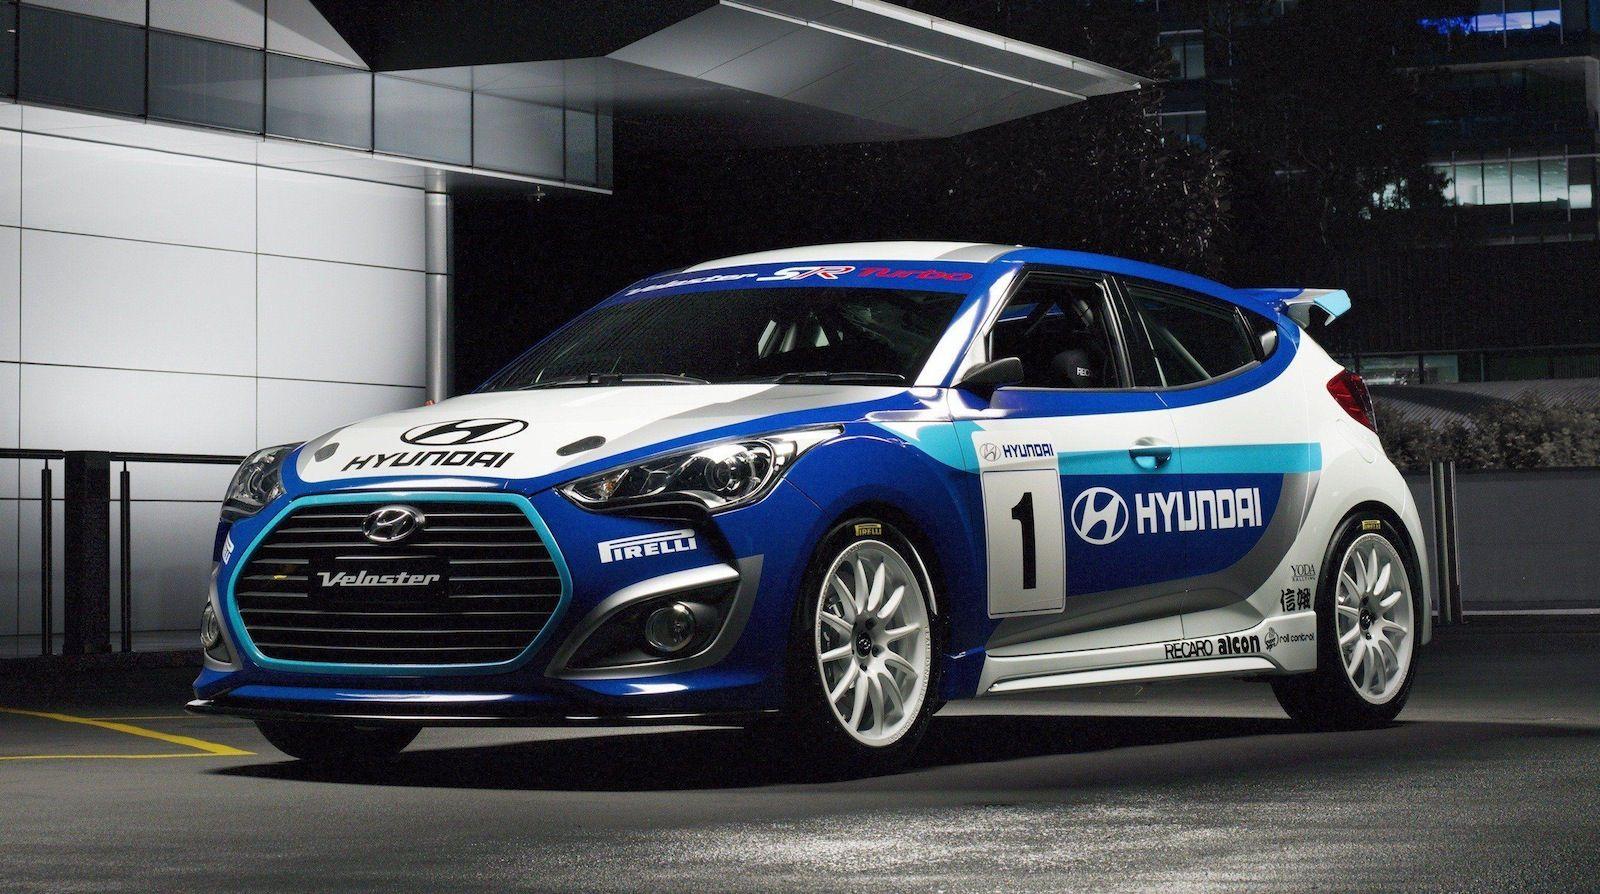 20 River Oaks Hyundai Ideas Hyundai Hyundai Veloster Hyundai Cars